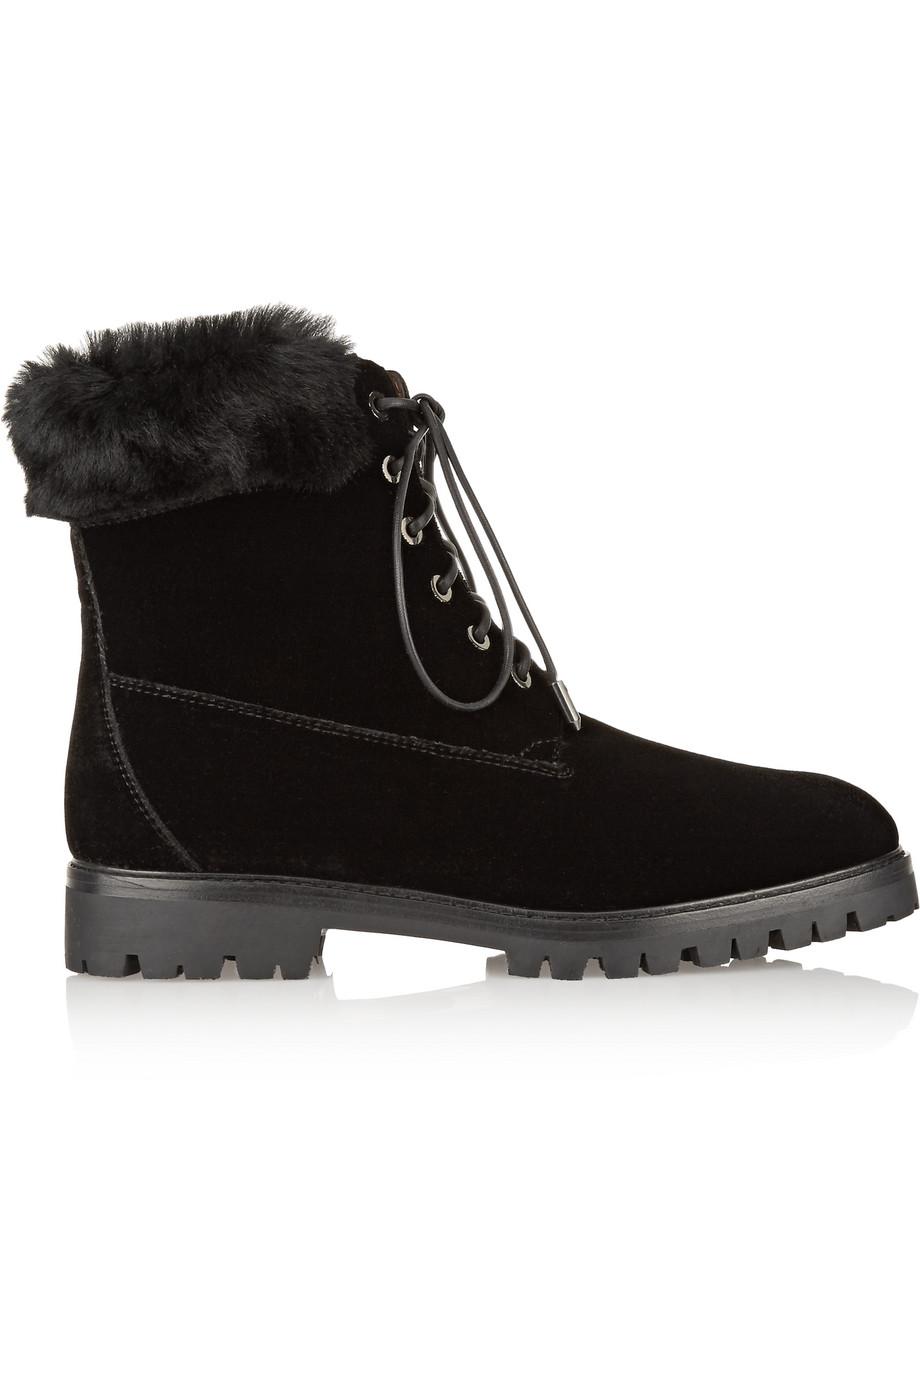 Aquazzura The Heilbrunner Shearling-Trimmed Velvet Boots, Black, Women's US Size: 10.5, Size: 41